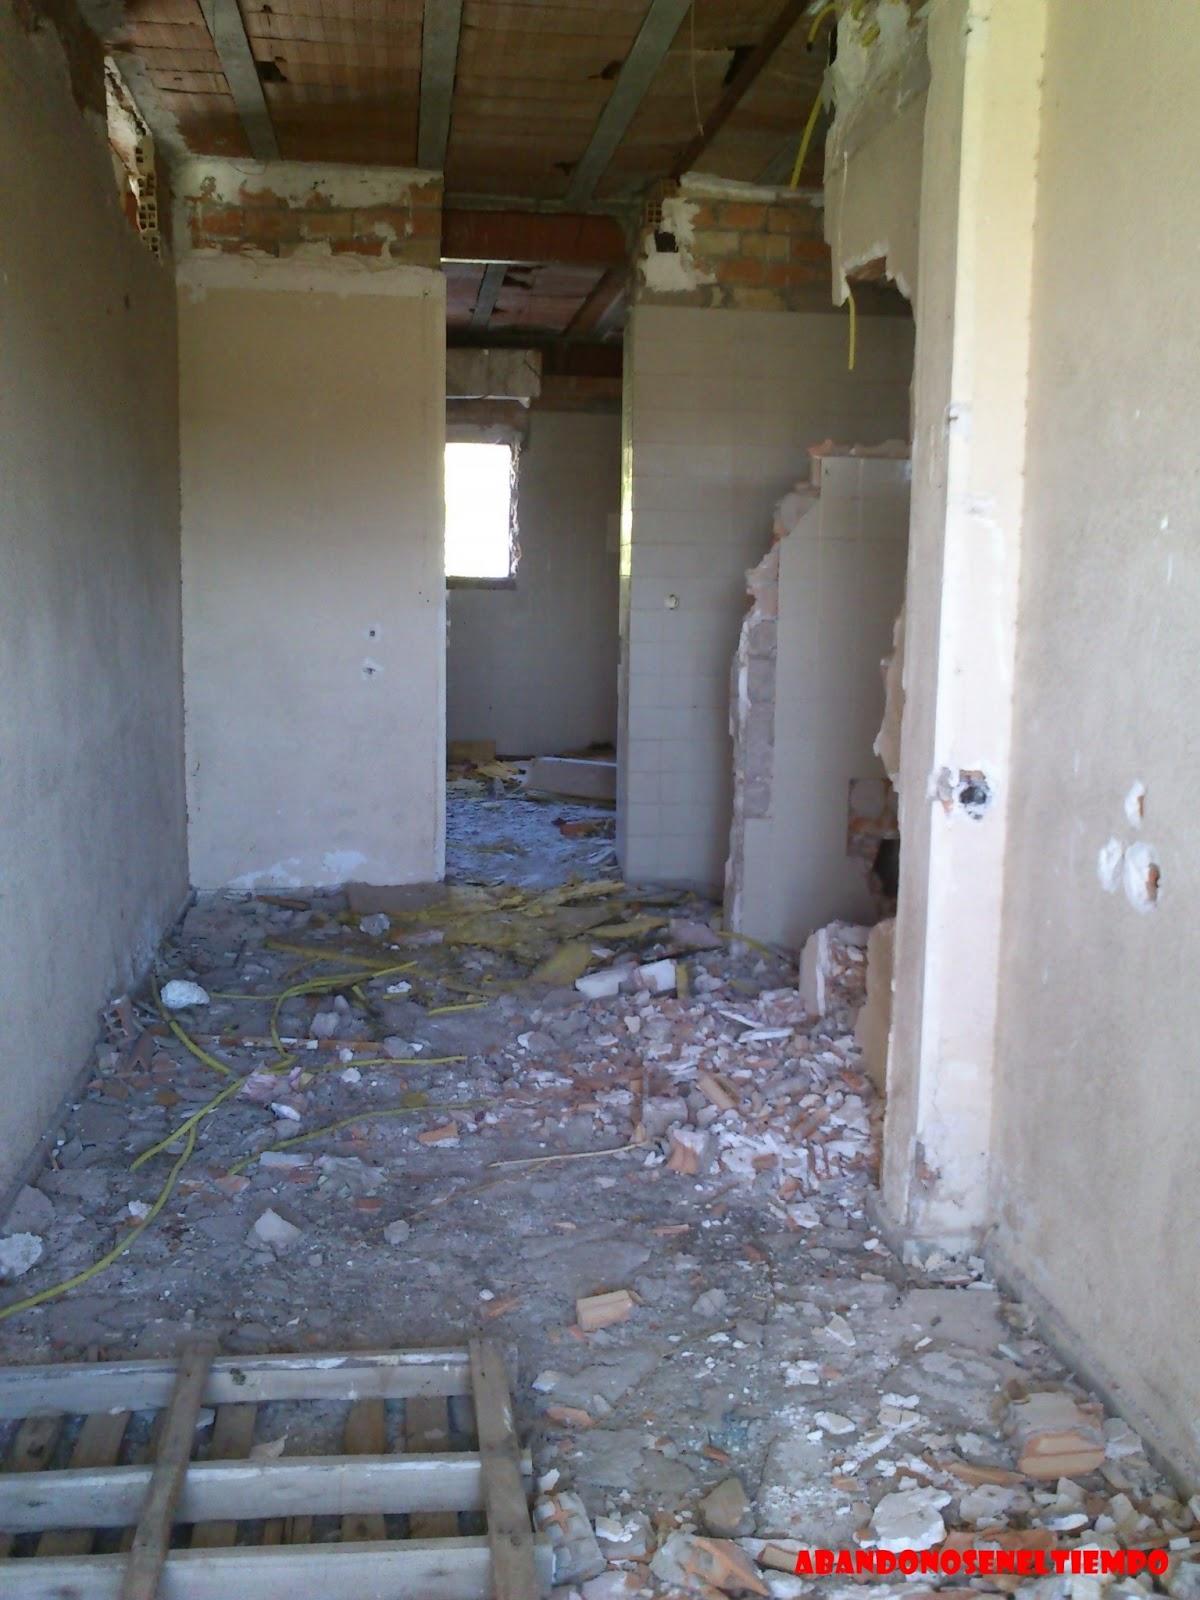 Abandonoseneltiempo empresa repsol butano abandonada for Oficina repsol butano